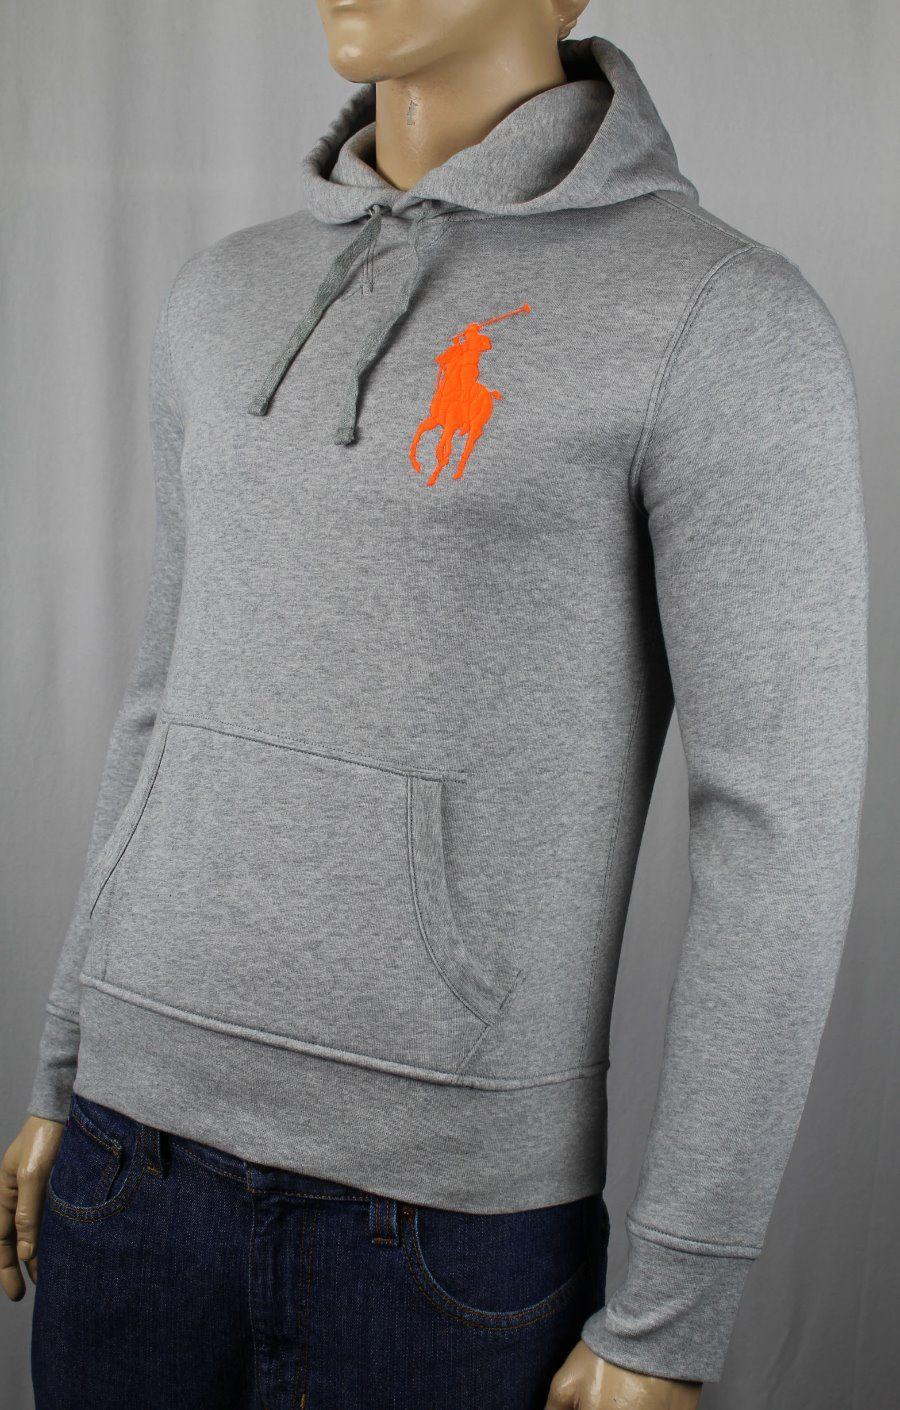 Ralph Lauren Polo USA Grey Big Pony Hooyd Sweatshirt